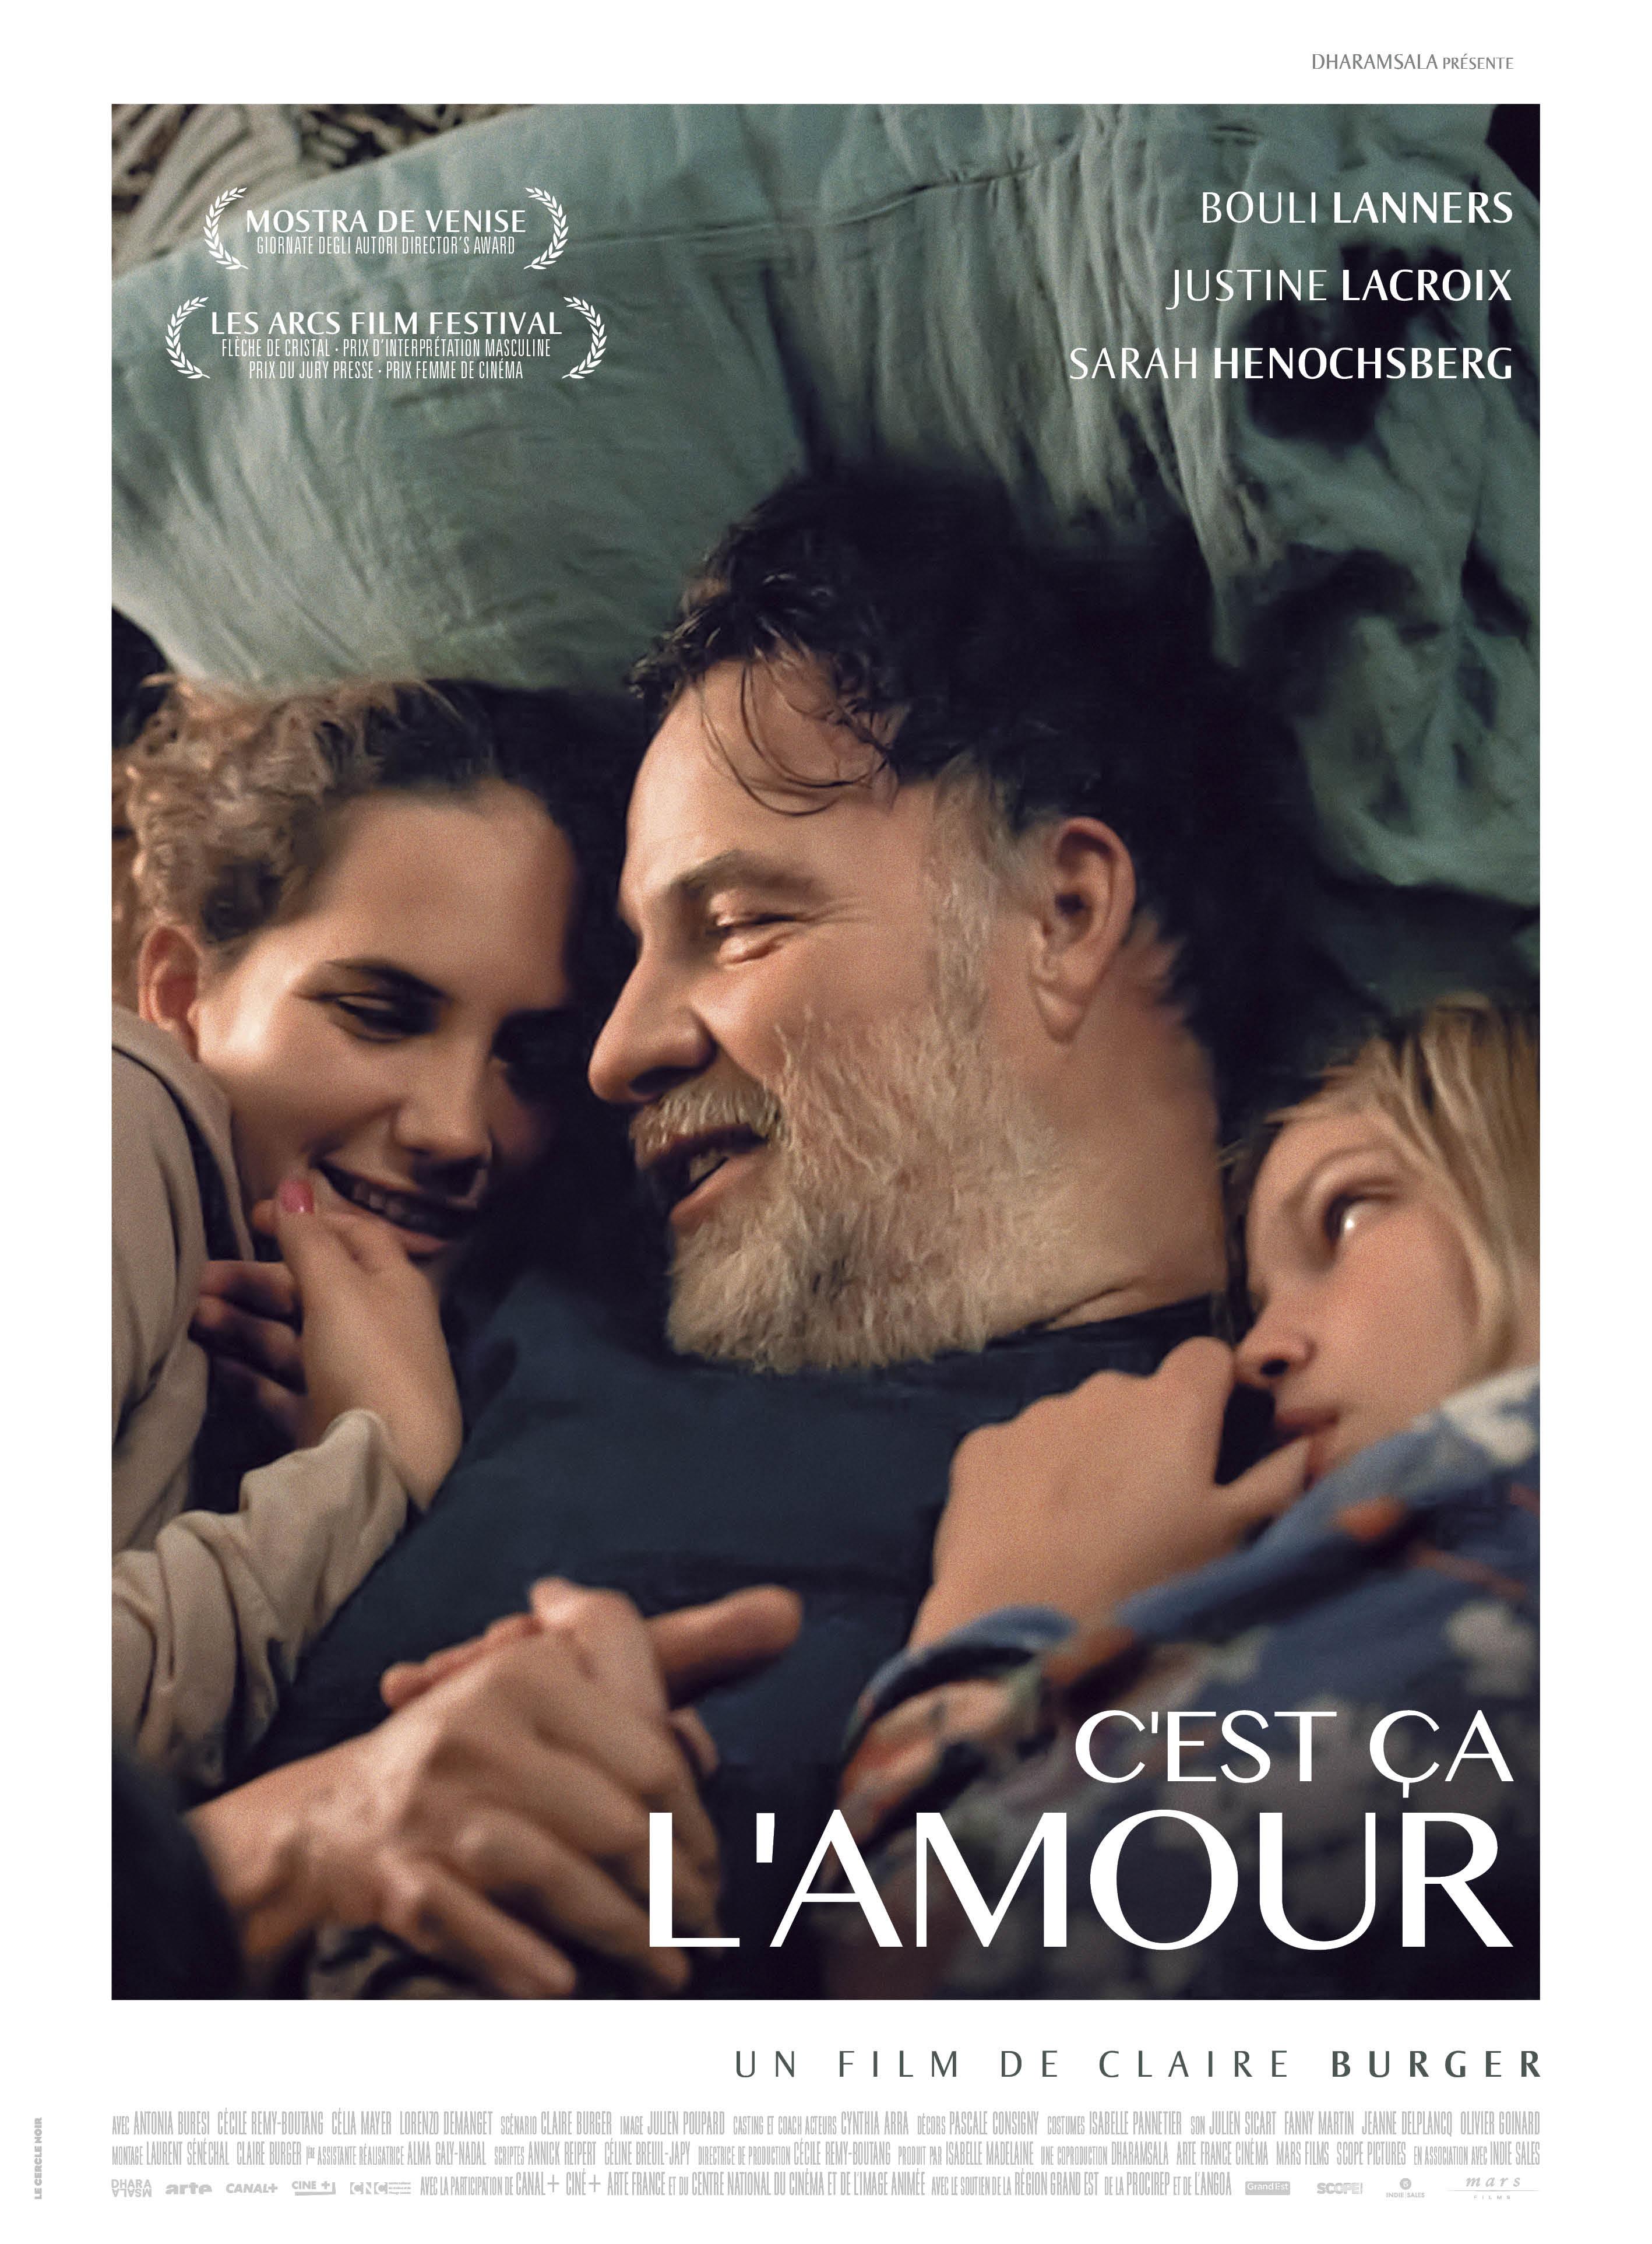 Image du film C'est ça l'amour